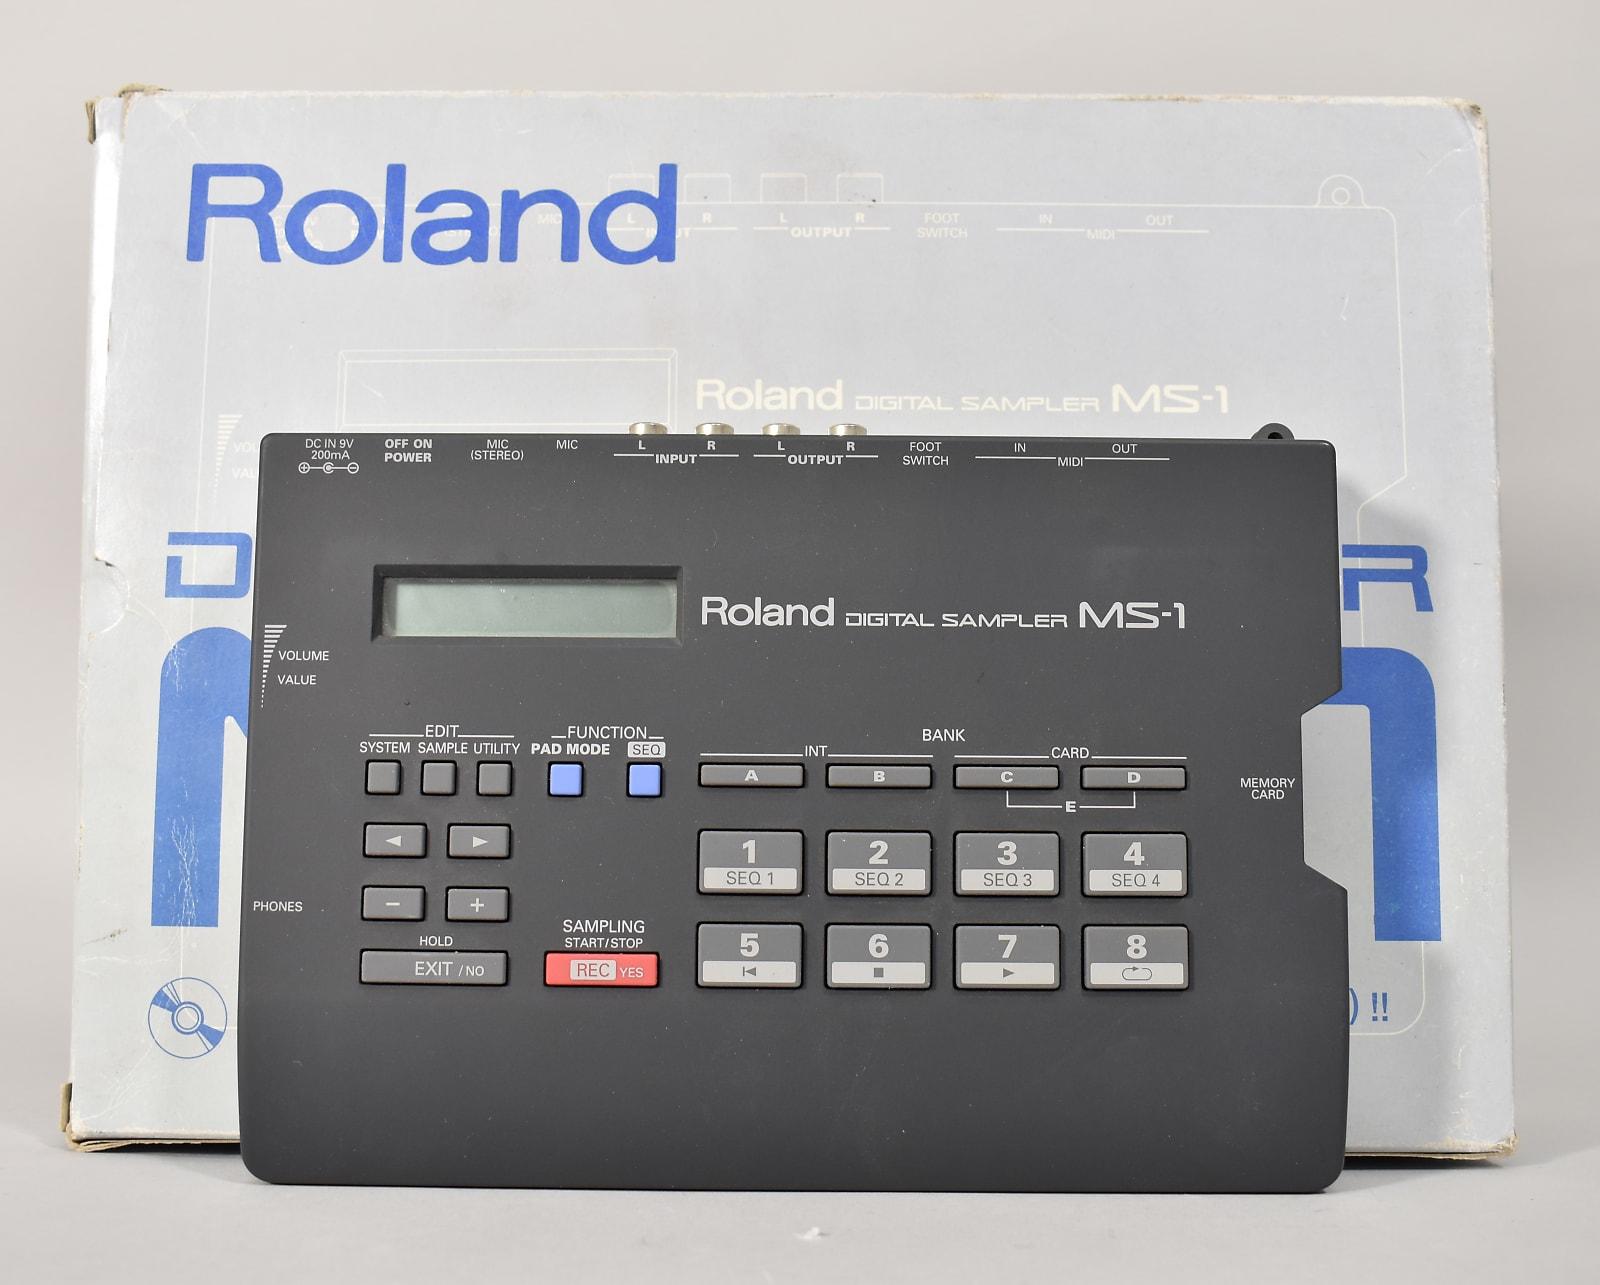 Roland MS-1 Grey Digital Sampler Made In Japan